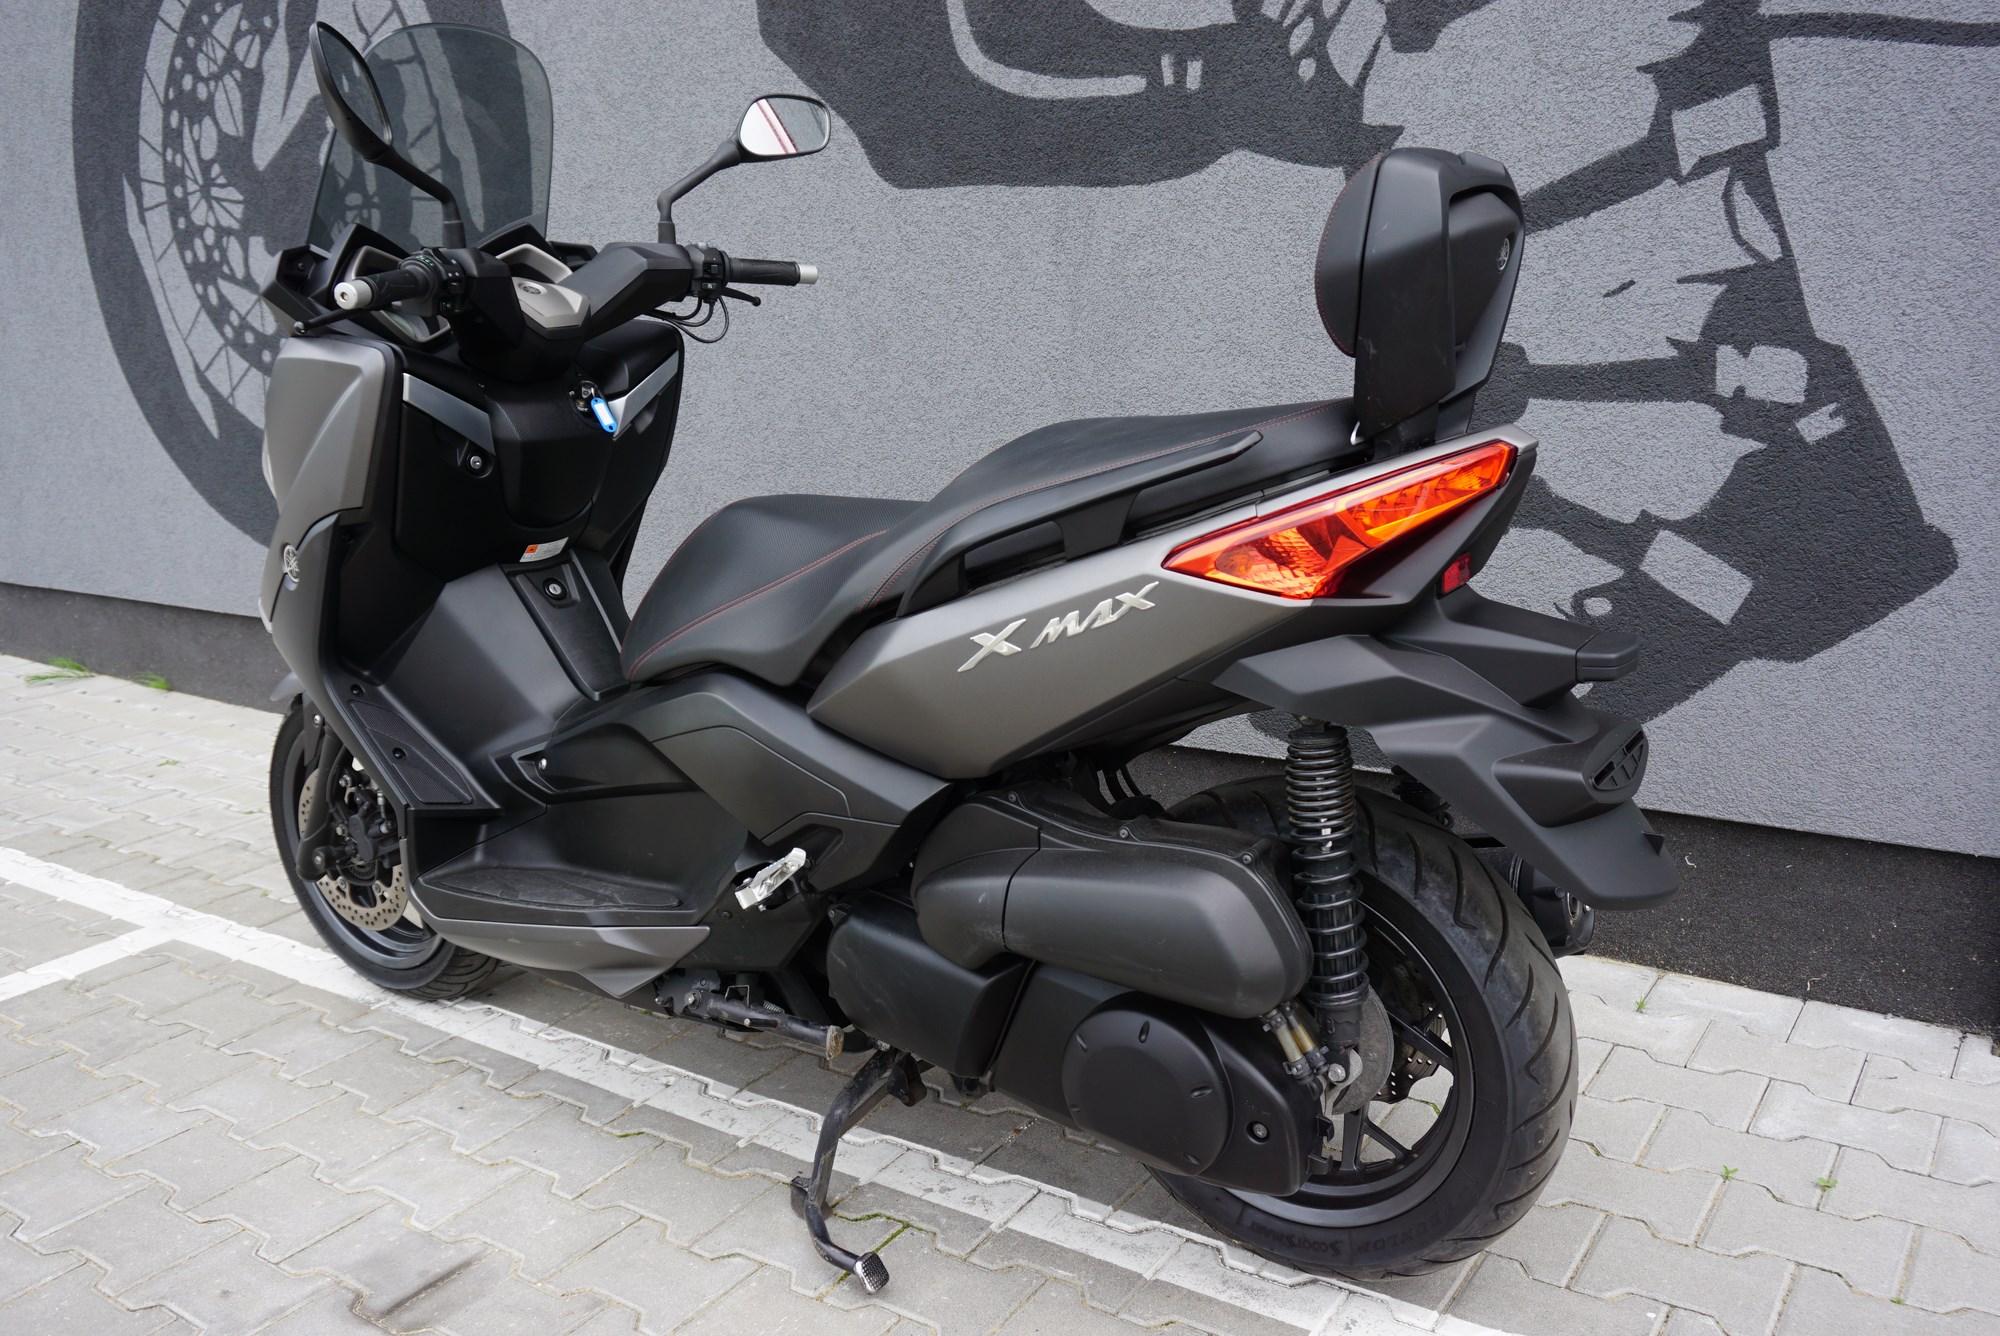 Yamaha X-Max 250 ABS